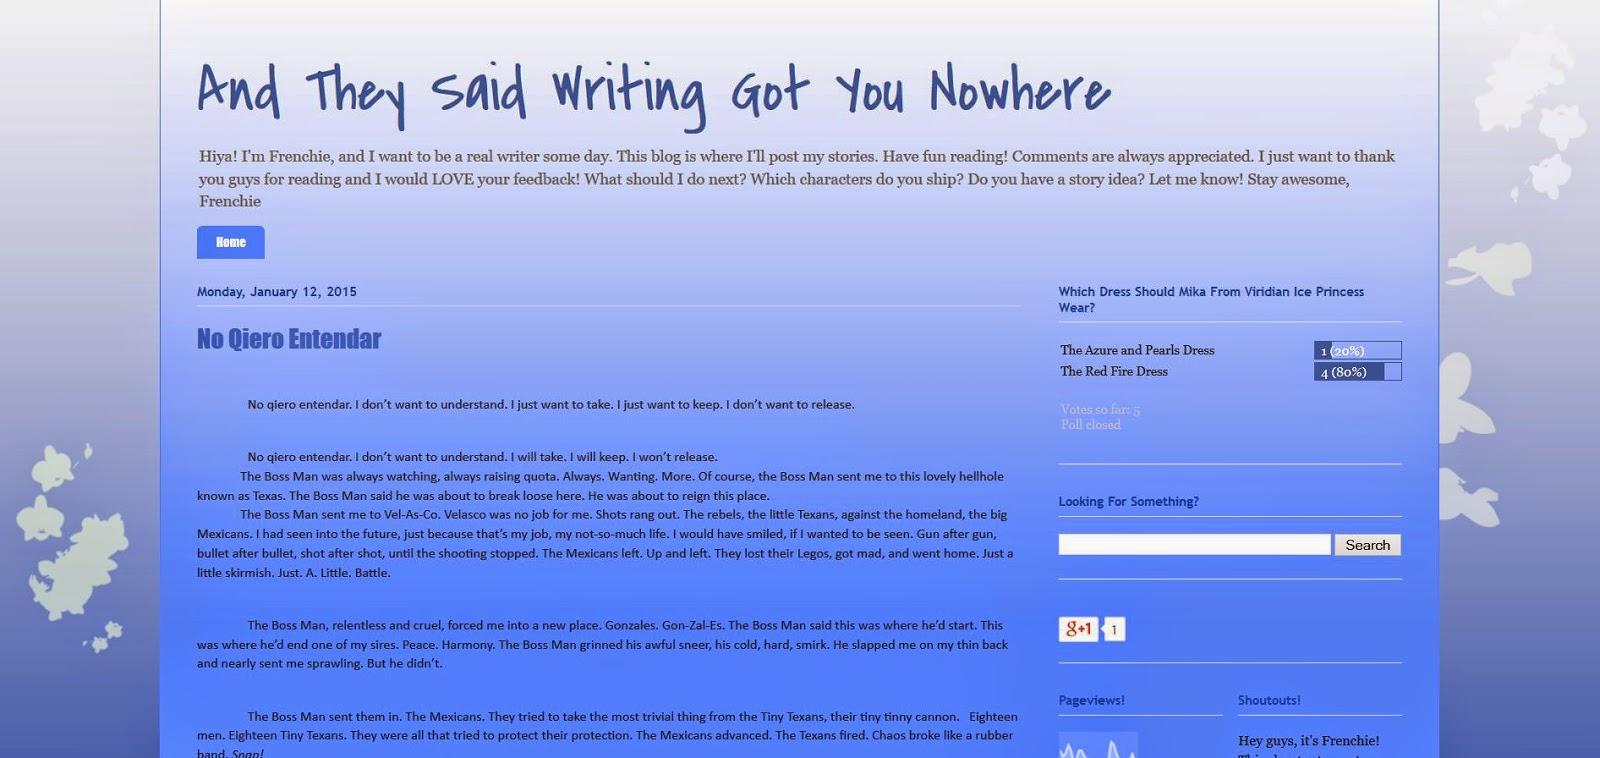 http://andtheysaidwritinggotyounowhere.blogspot.com/